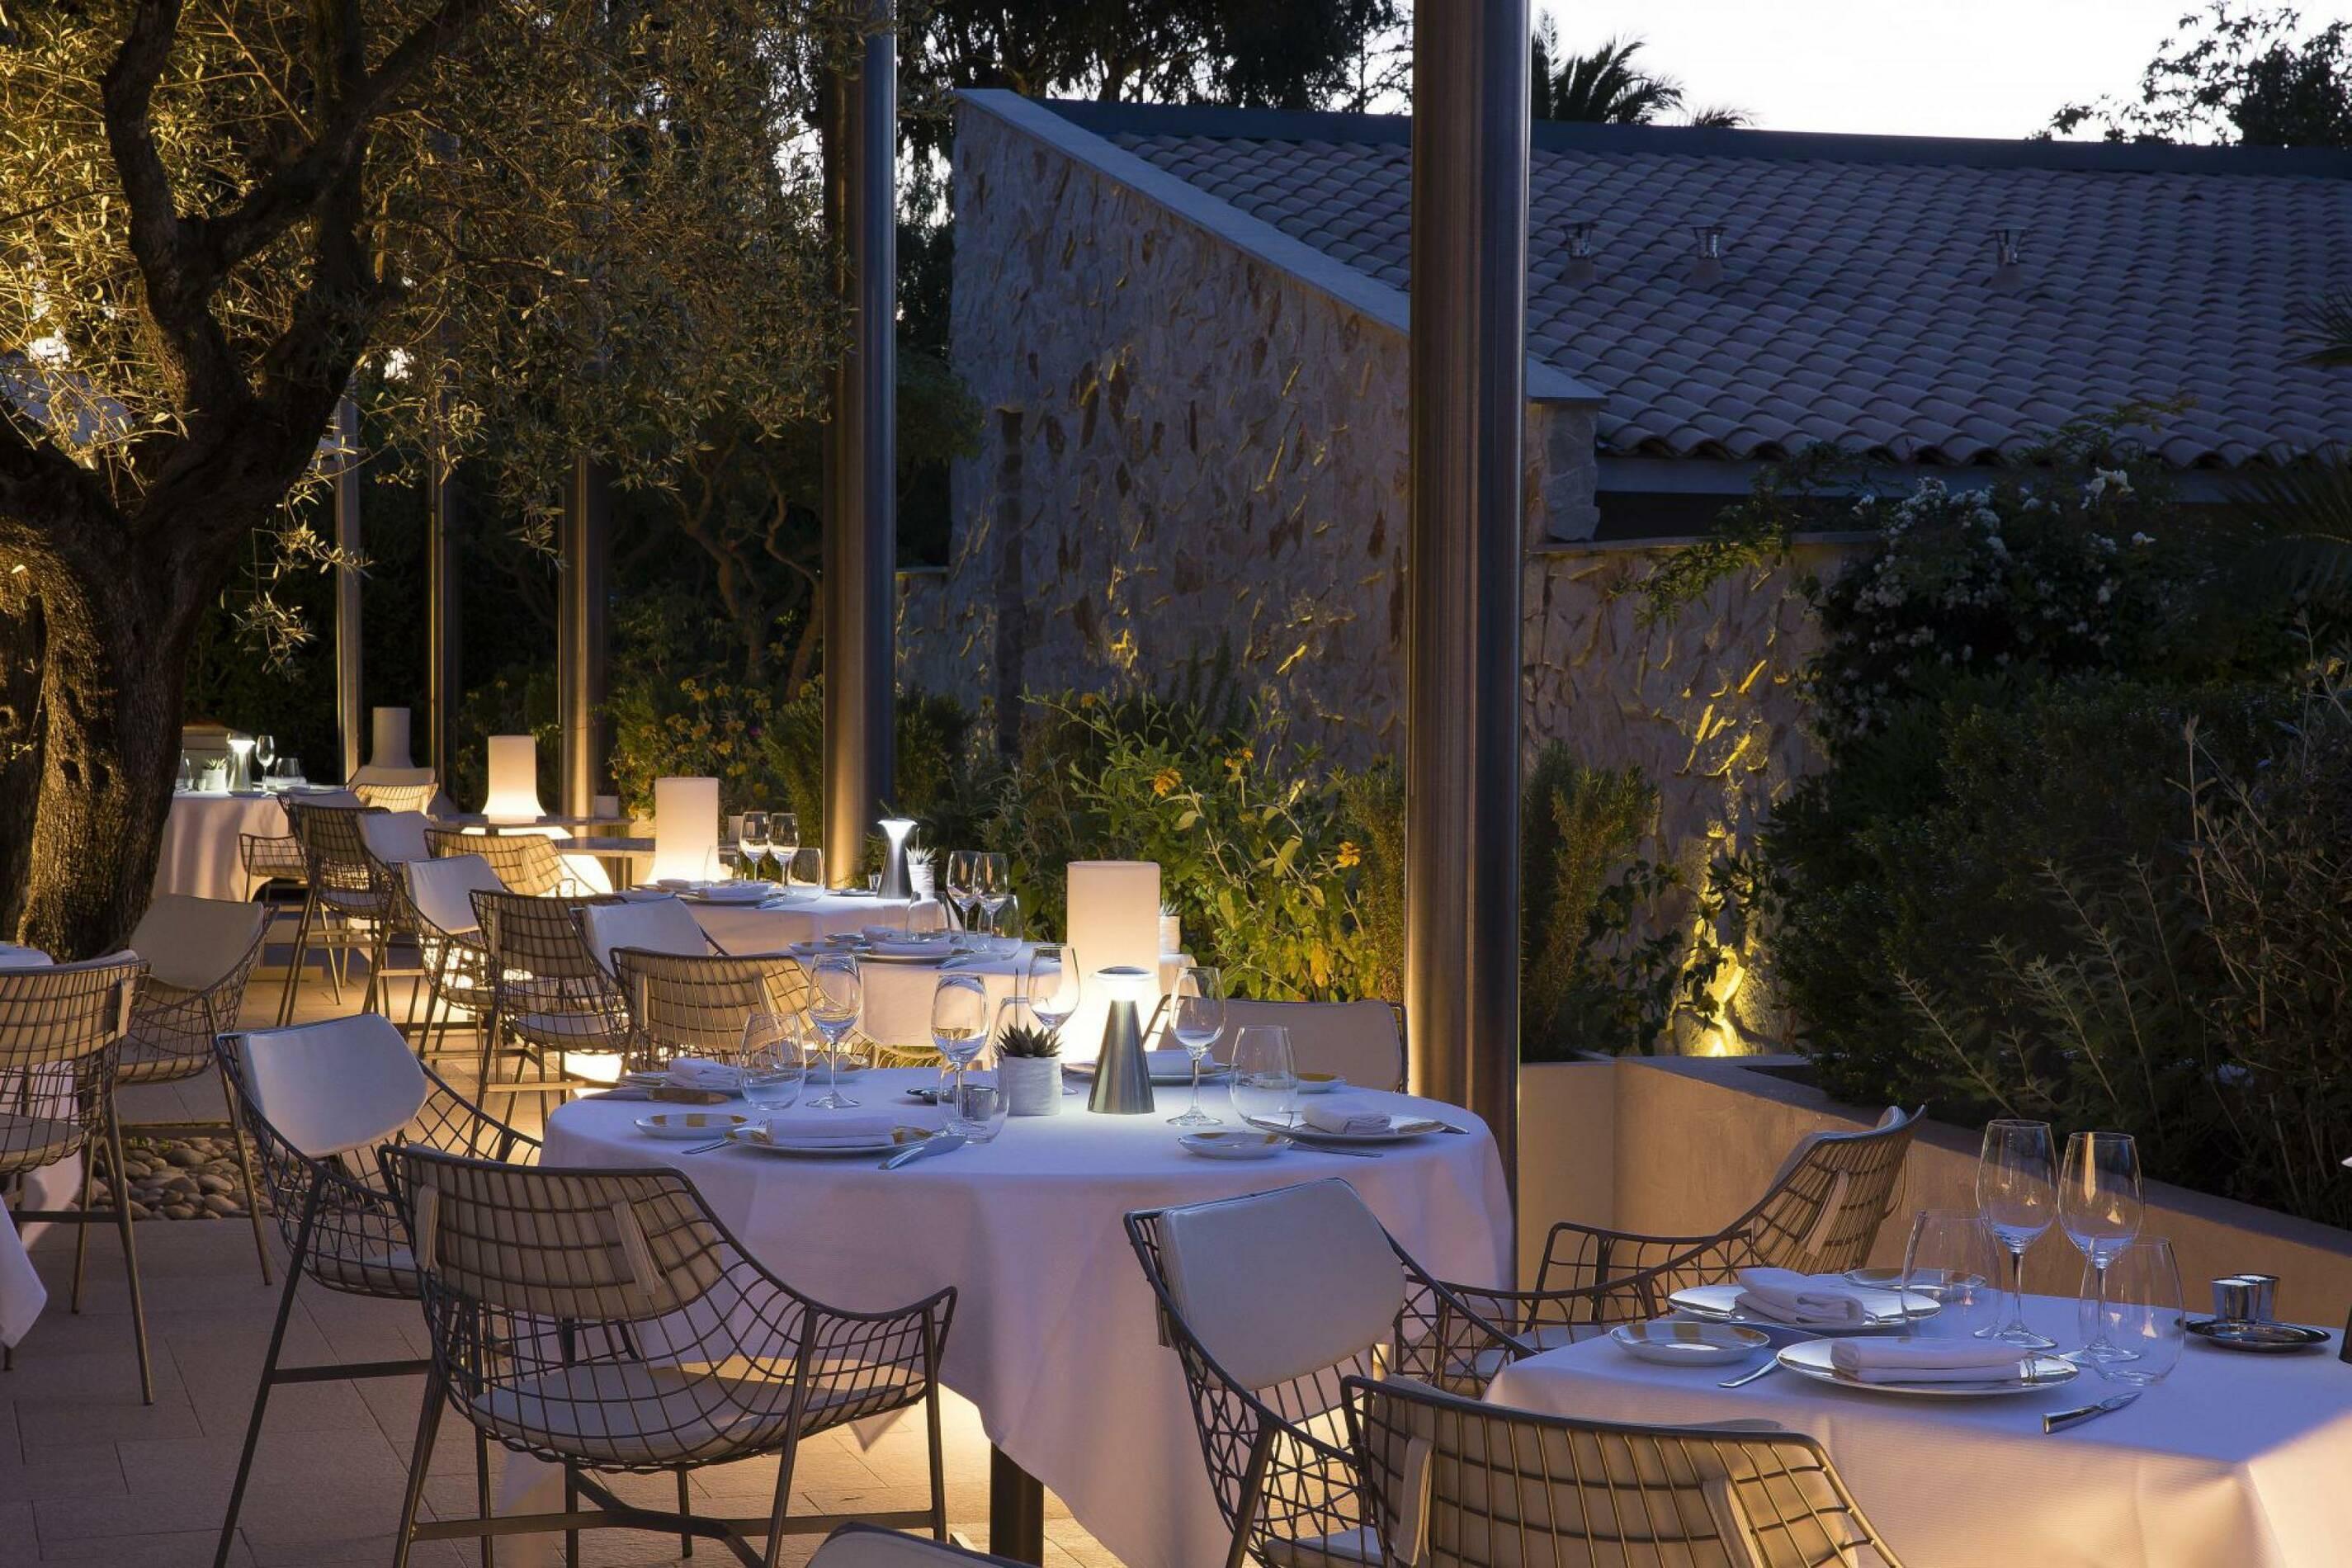 Hotel Sezz Restaurant Colette Saint Tropez